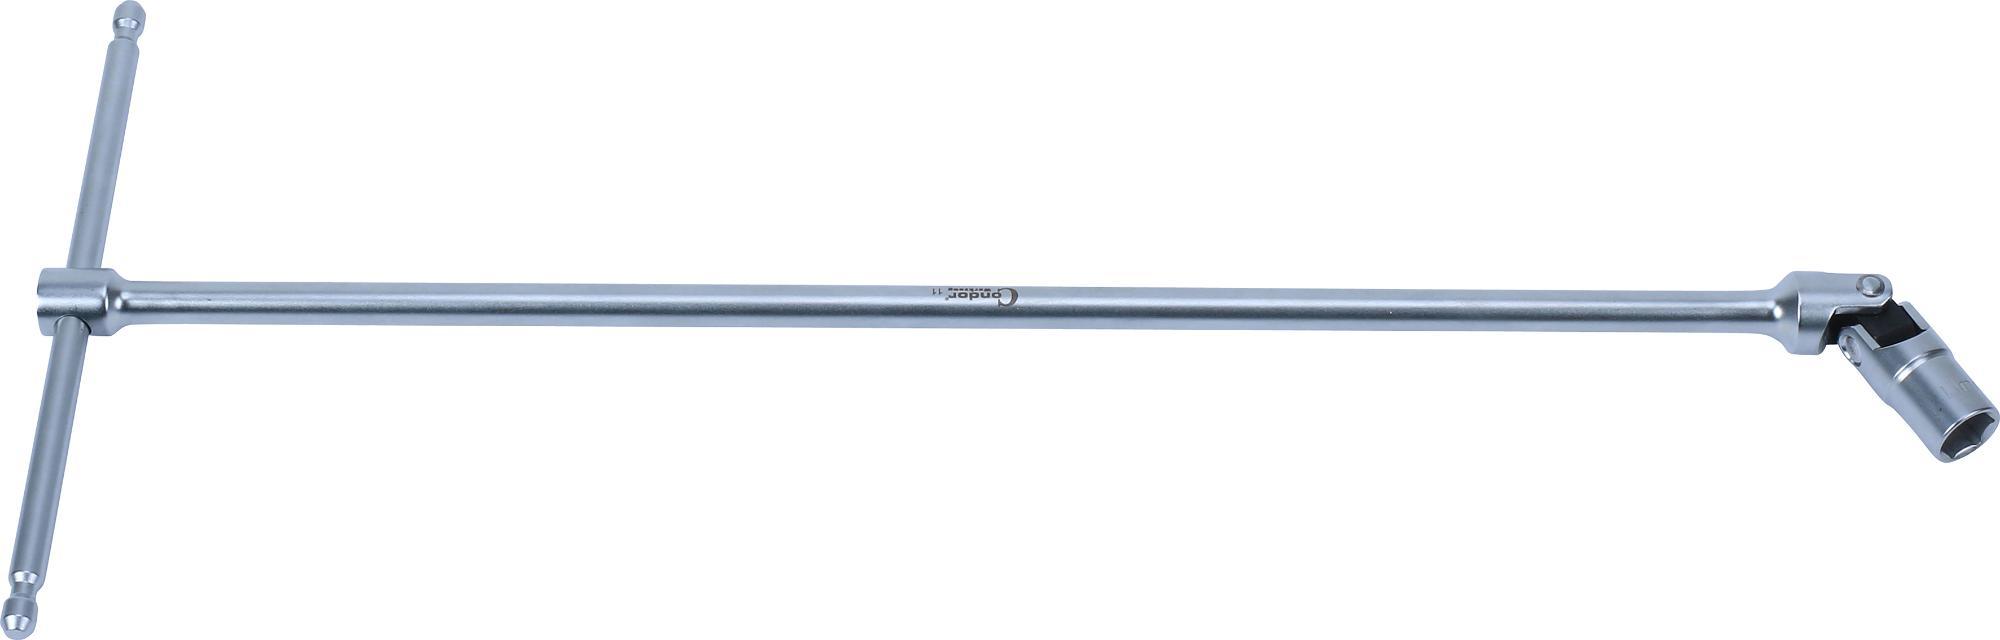 """Kľúč """"T"""" s kĺbom, 400 mm, 6-hran 11 mm"""